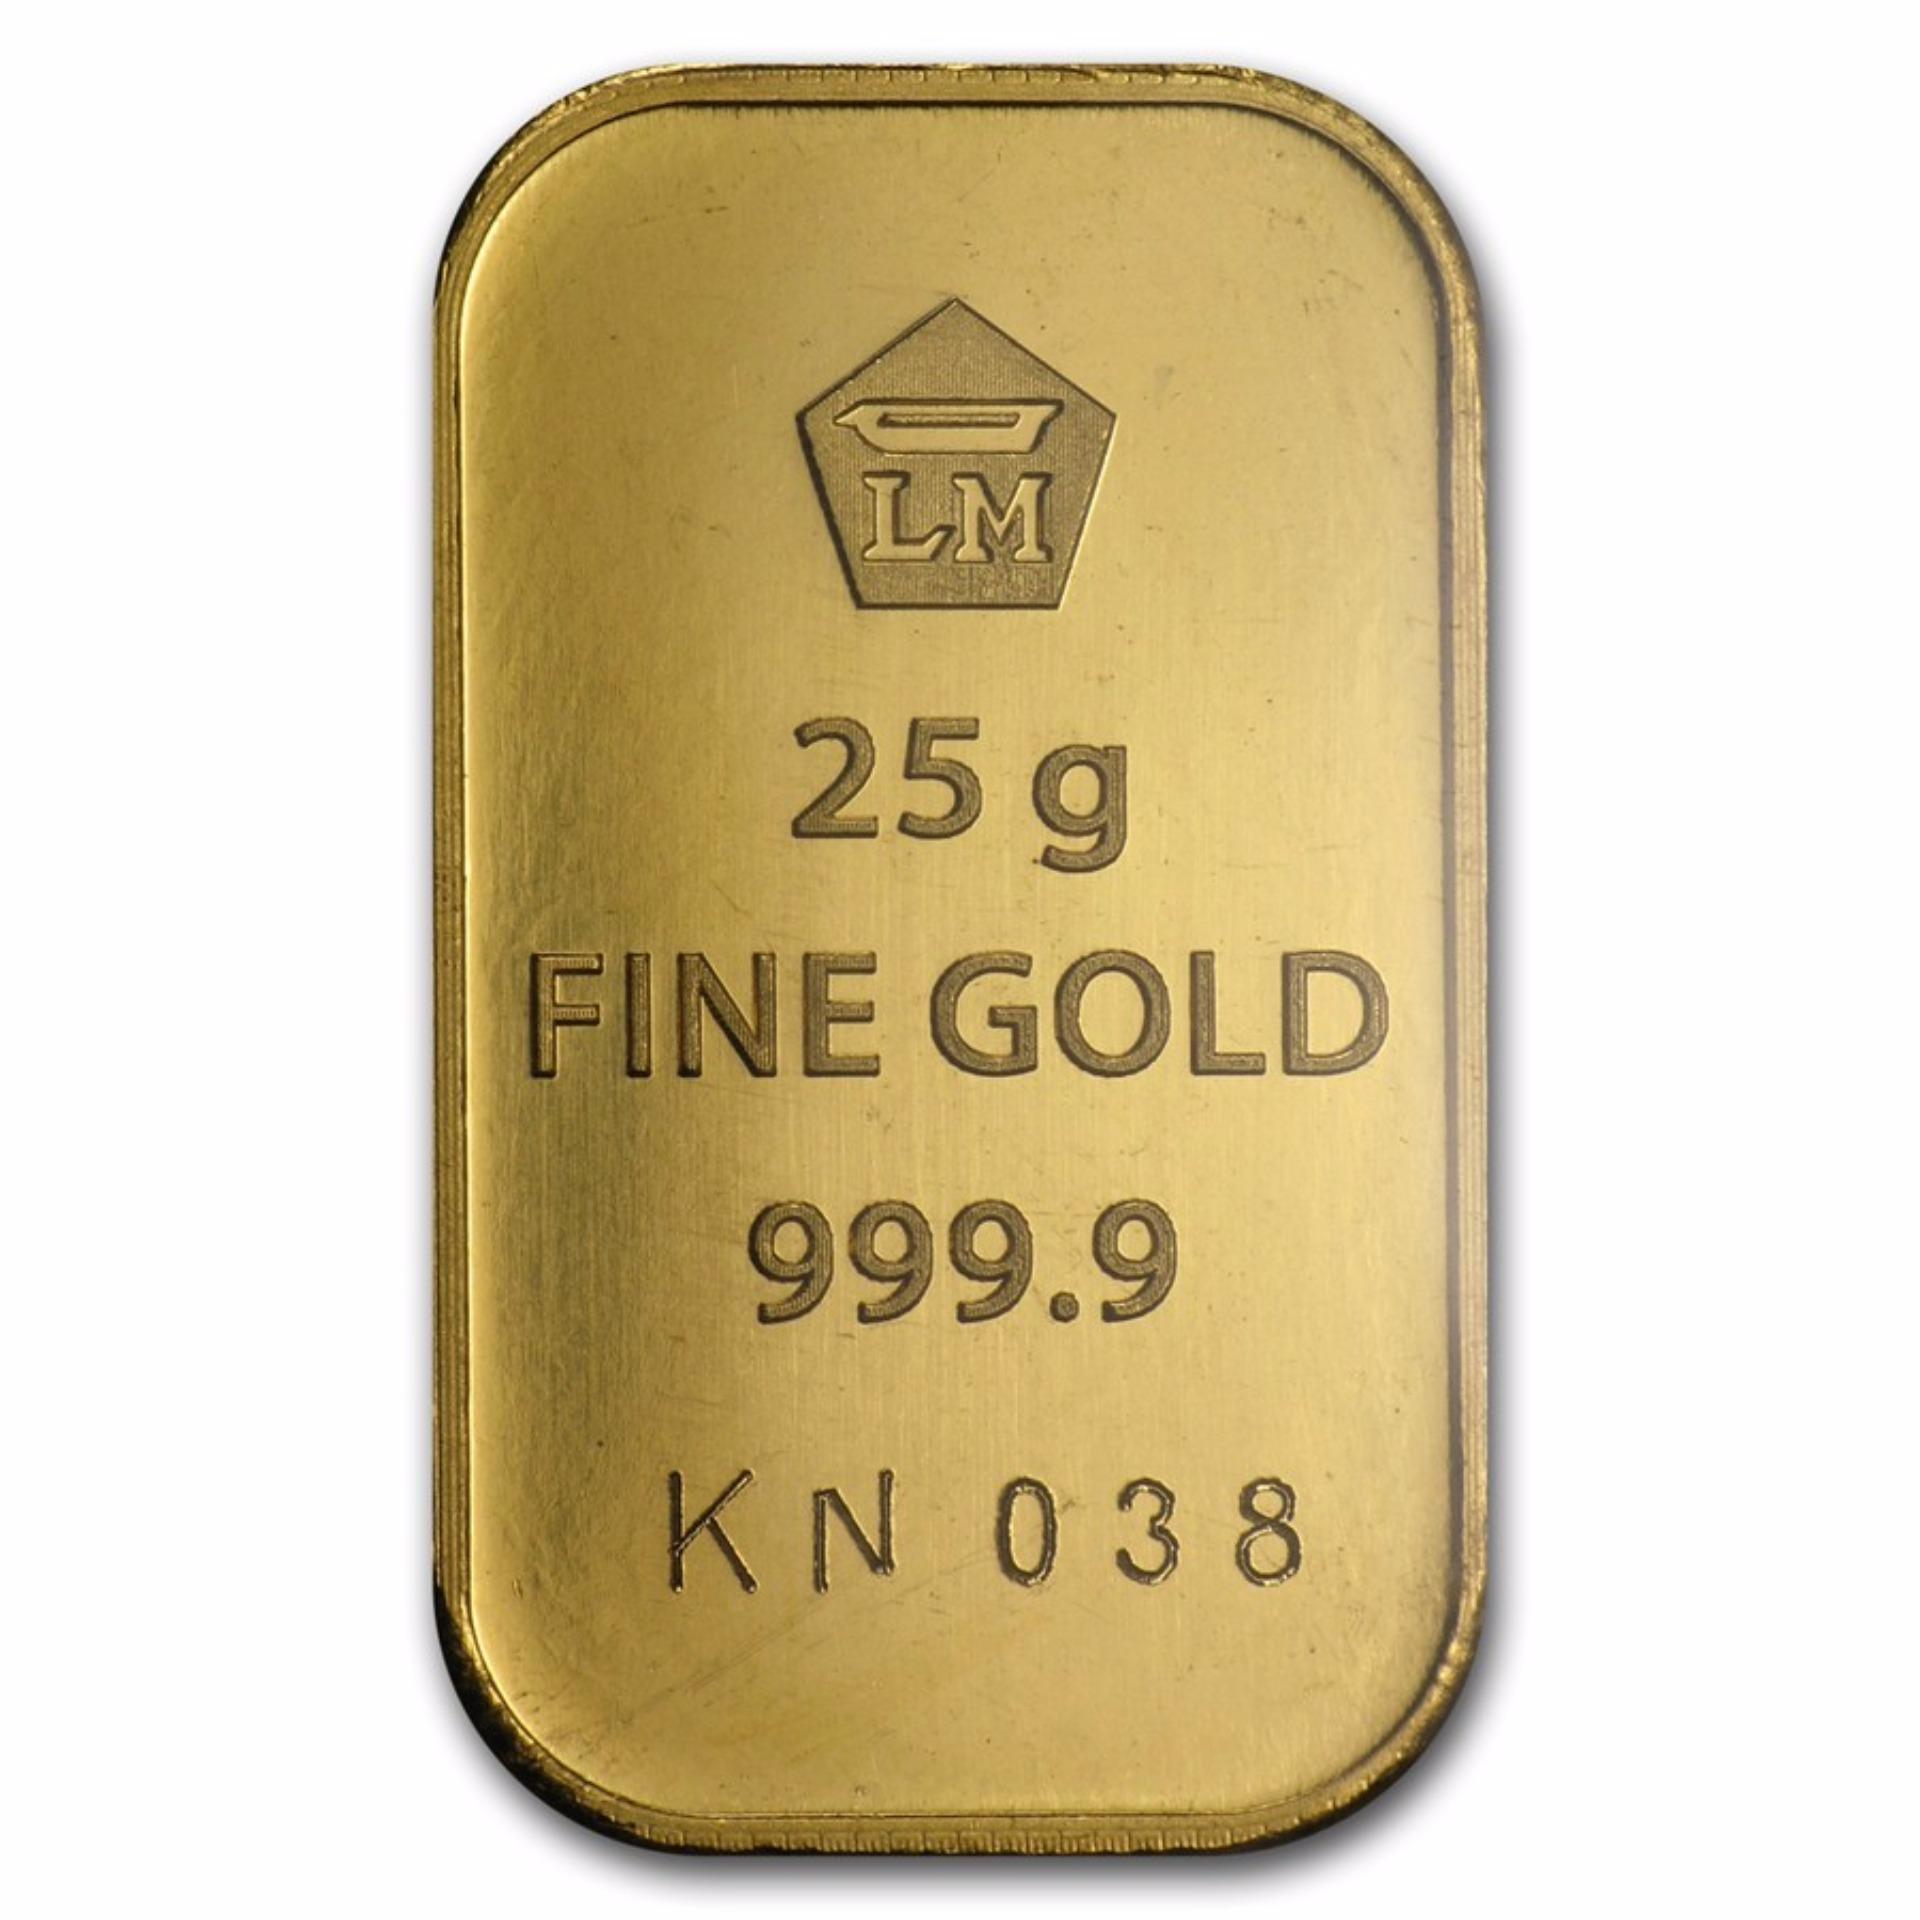 Emas Antam Gold Logam Mulia 25 Gram Daftar Harga Terlengkap Indonesia Ubs 1 Muliagaransi Uang Kembali Include Sertifikat Gr